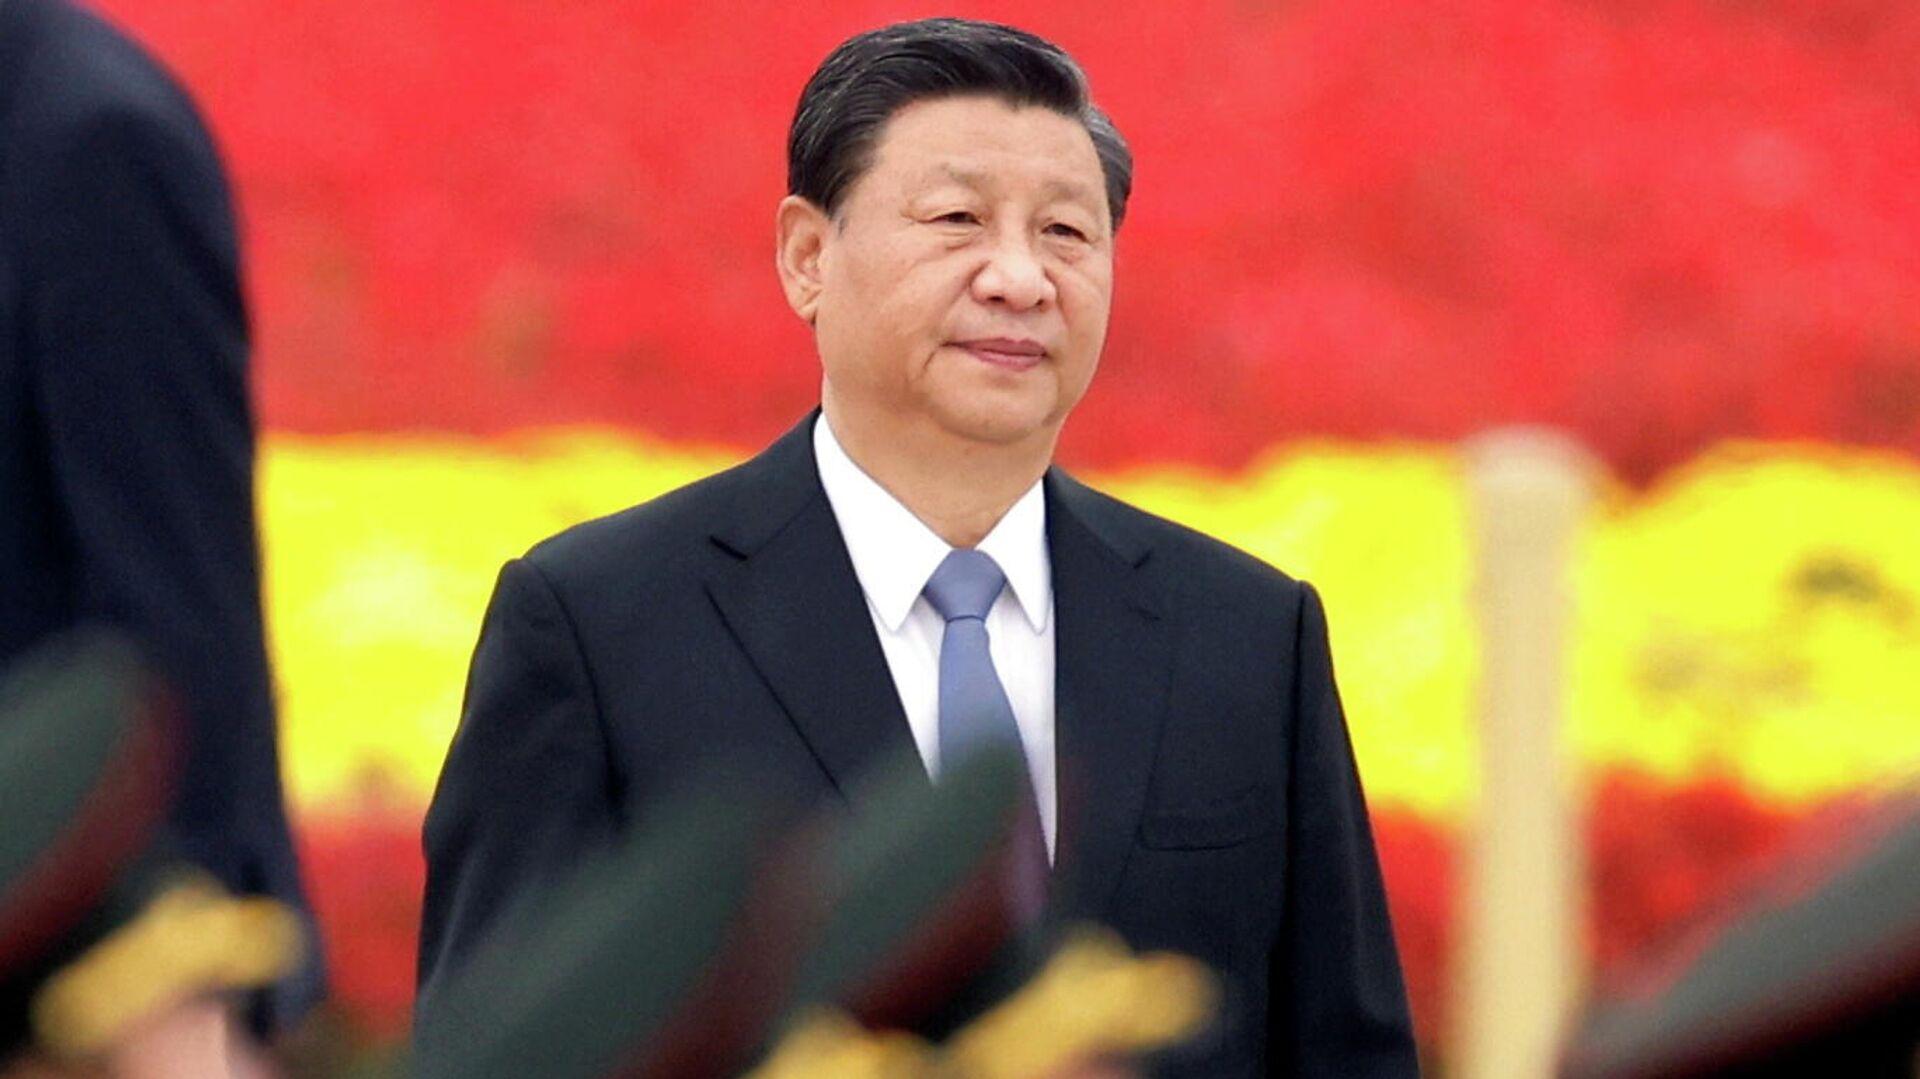 Xi Jinping, presidente de China - Sputnik Mundo, 1920, 09.10.2021